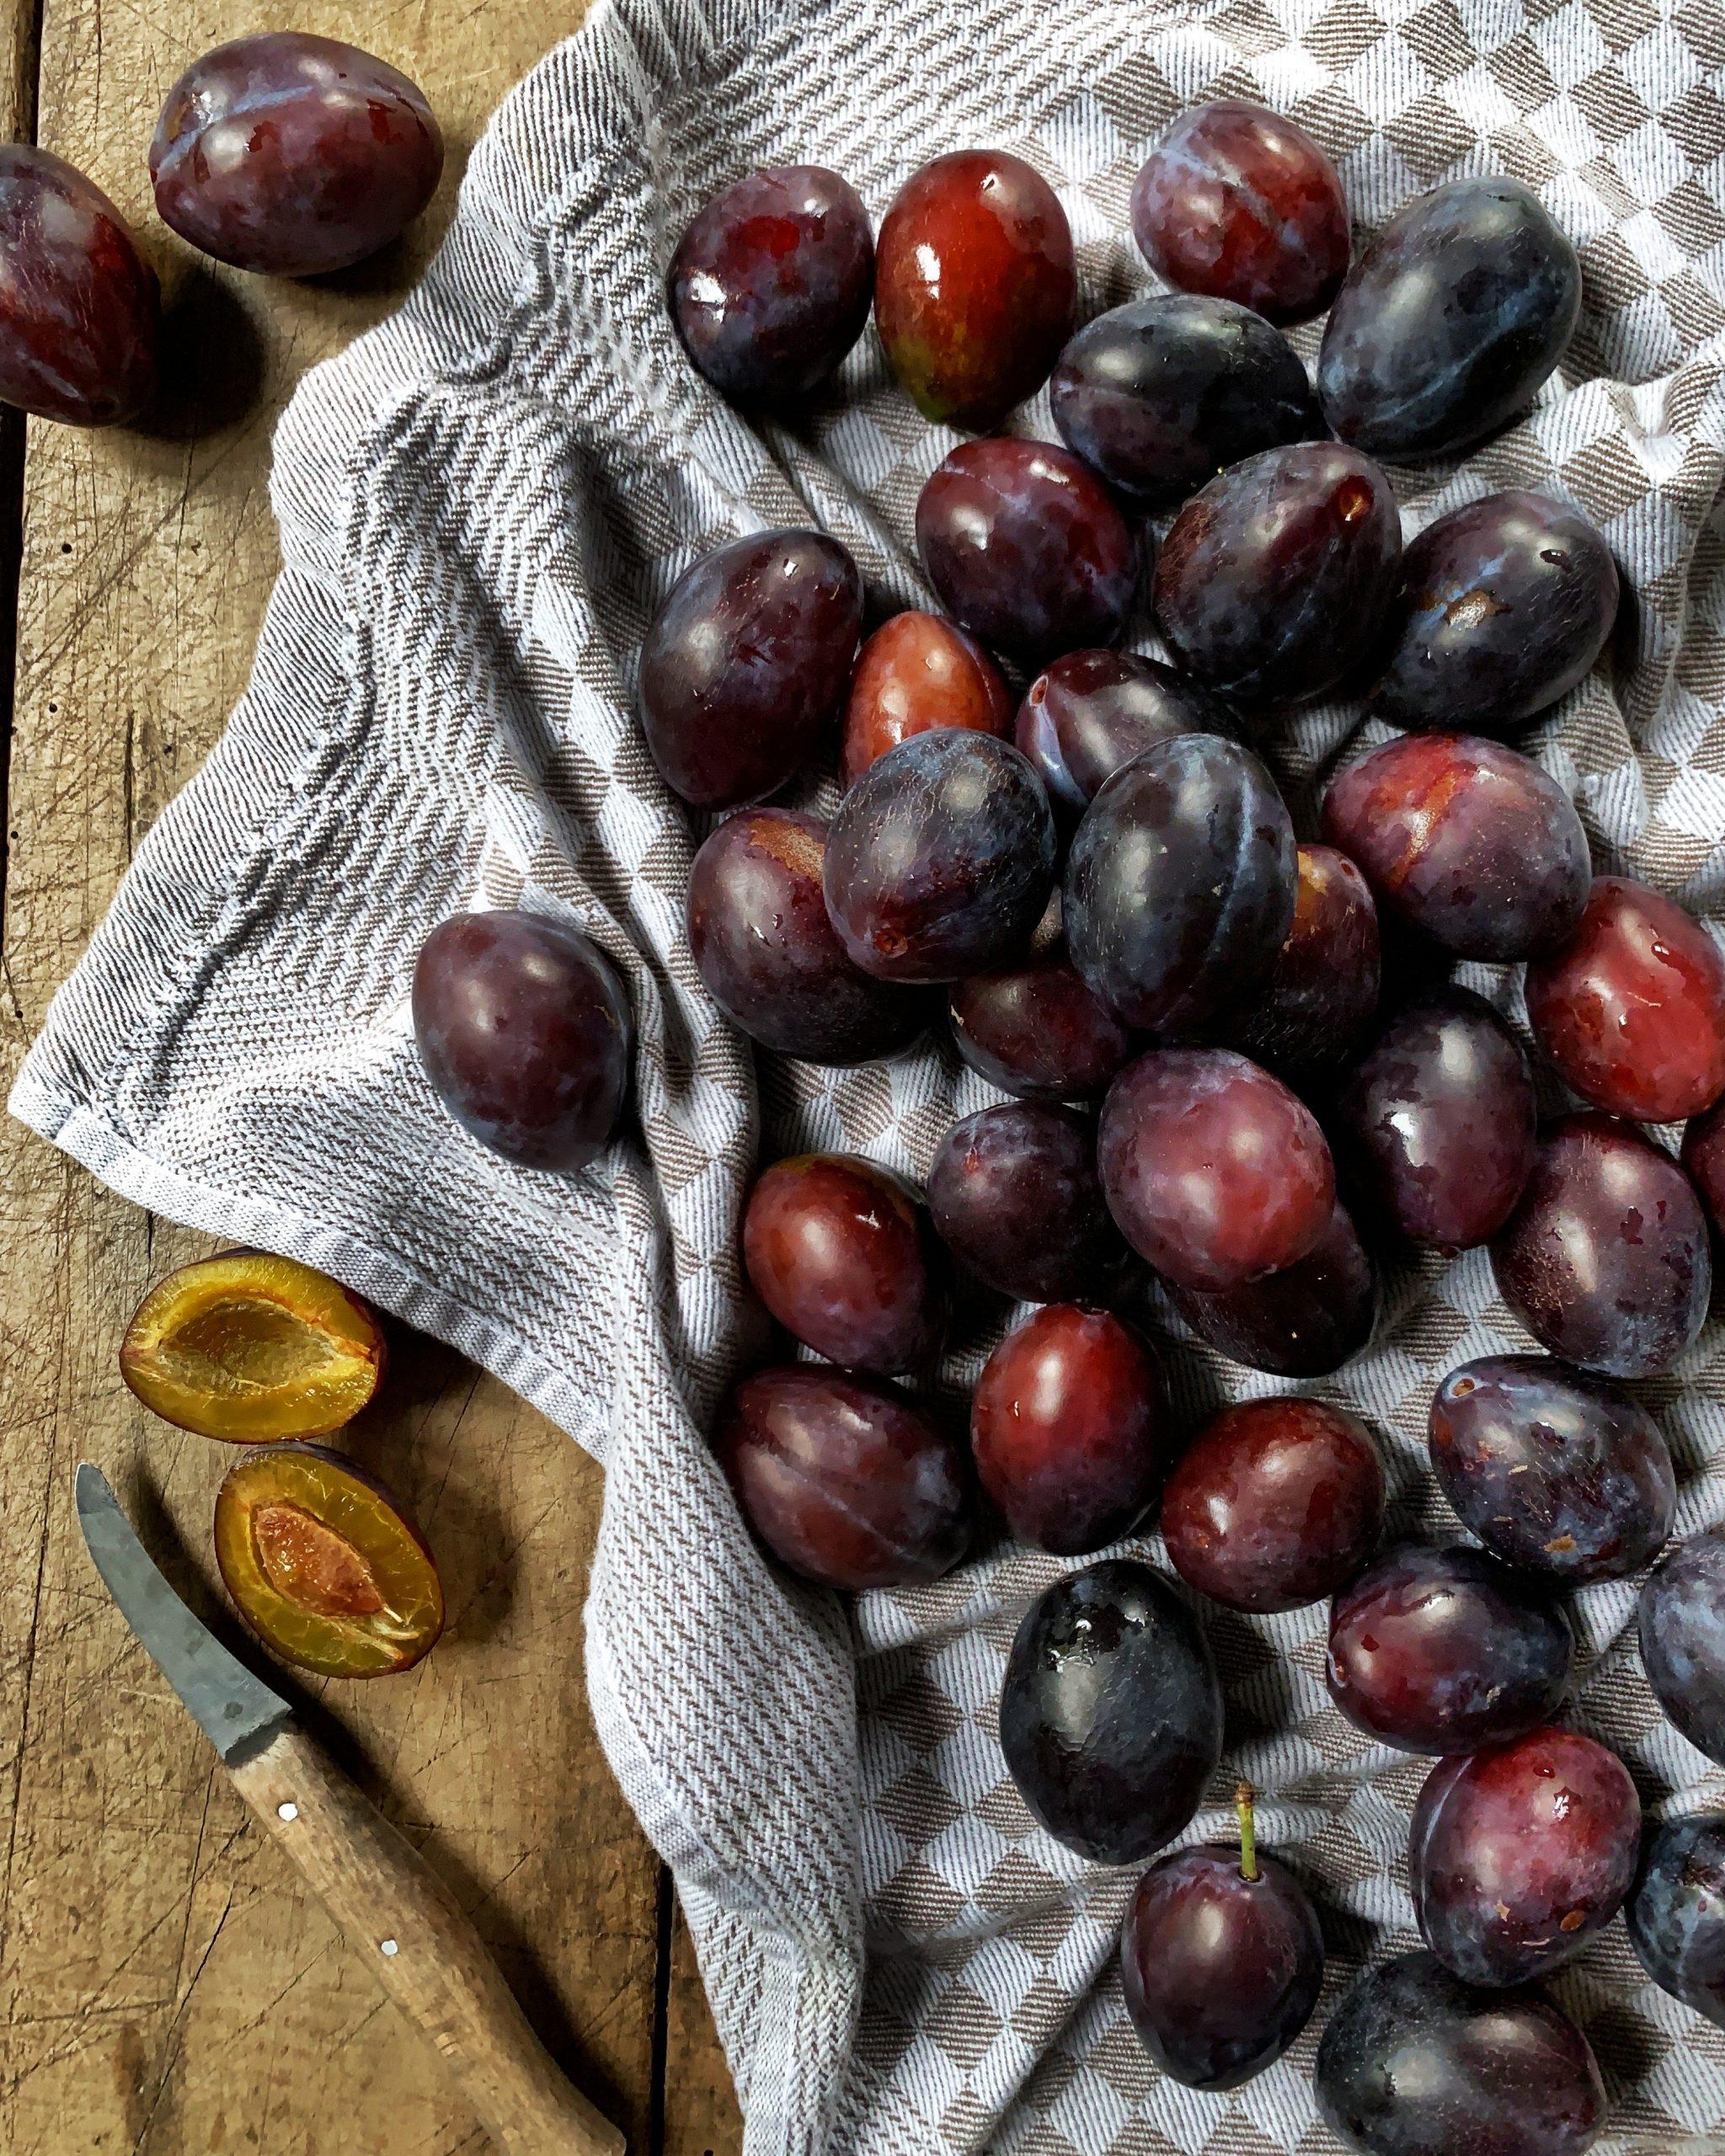 zwetschgen-zwetschken-pflaumen-zwetschen-prunus-domestica-herbstfrucht